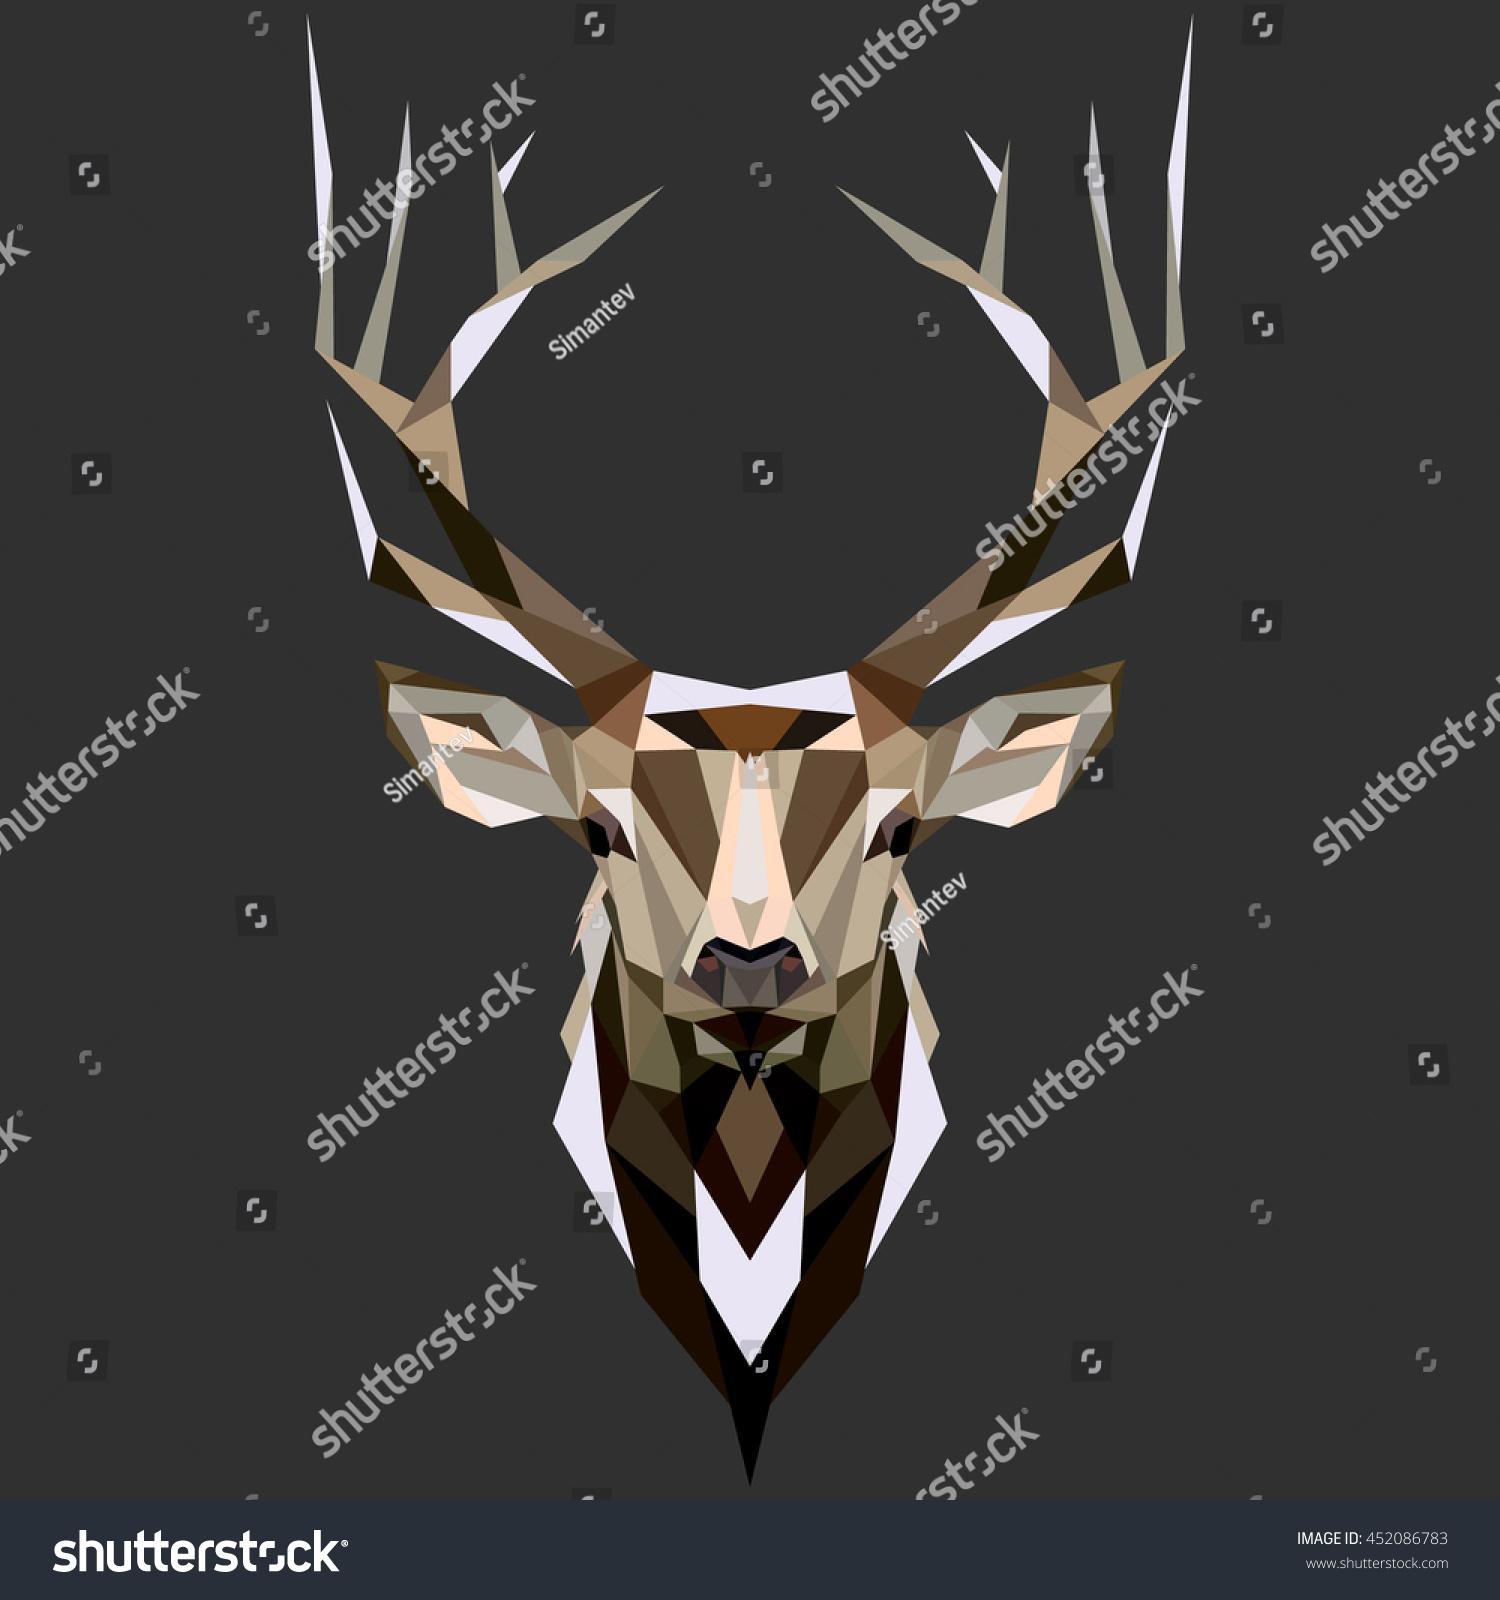 Deer Low poly deer Low poly illustration deer Polygonal deer